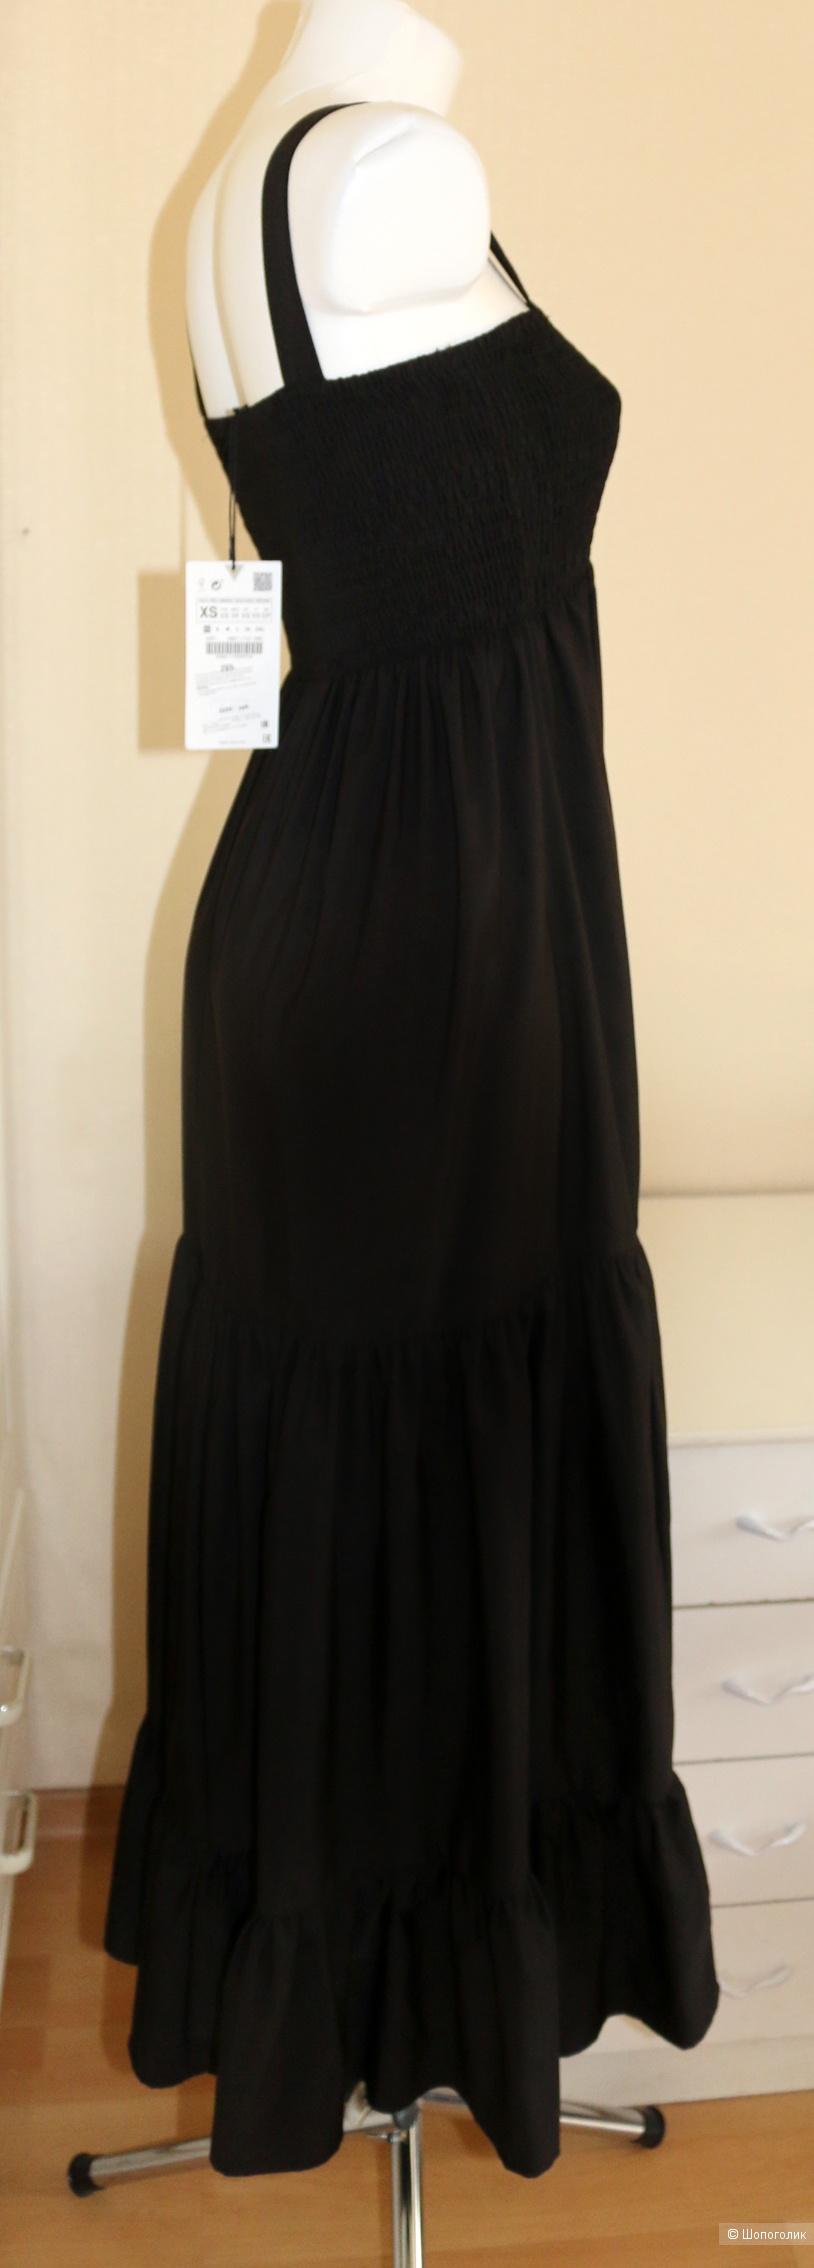 Платье сарафан черное Zara размер 42-44 + XS